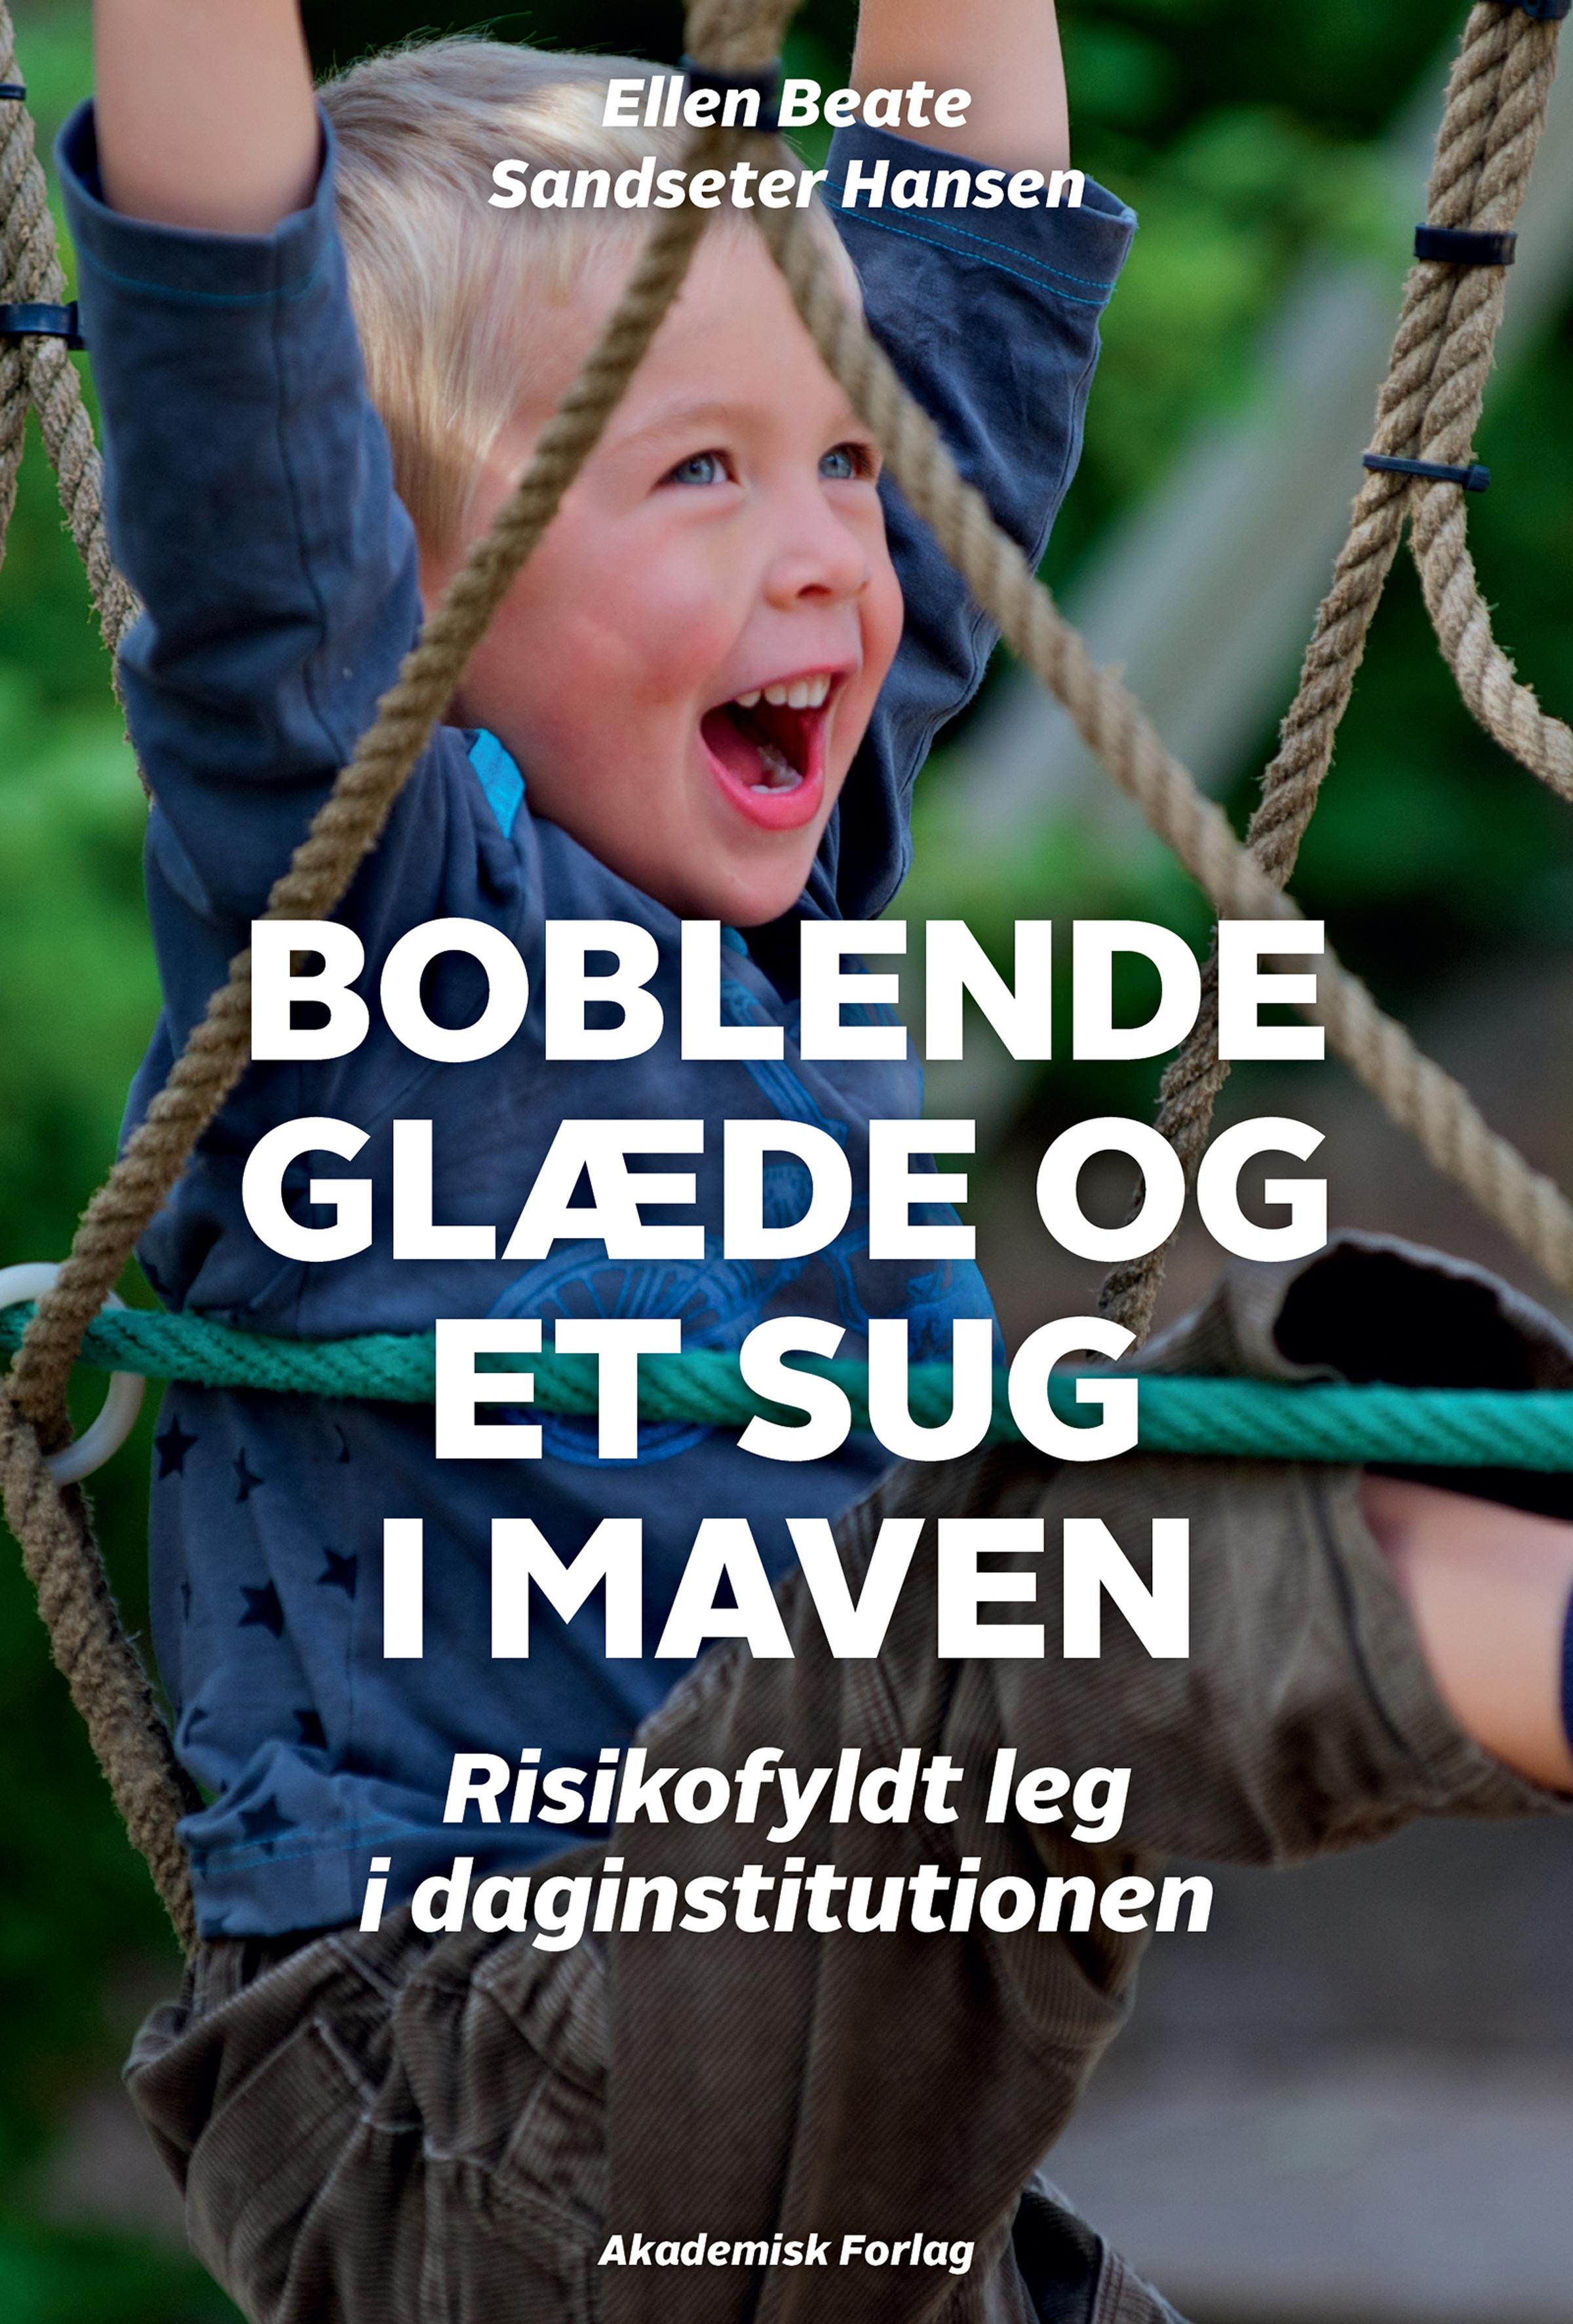 Boblende glæde og et sug i maven - risikofyldt leg i daginstitutionen - E-bog